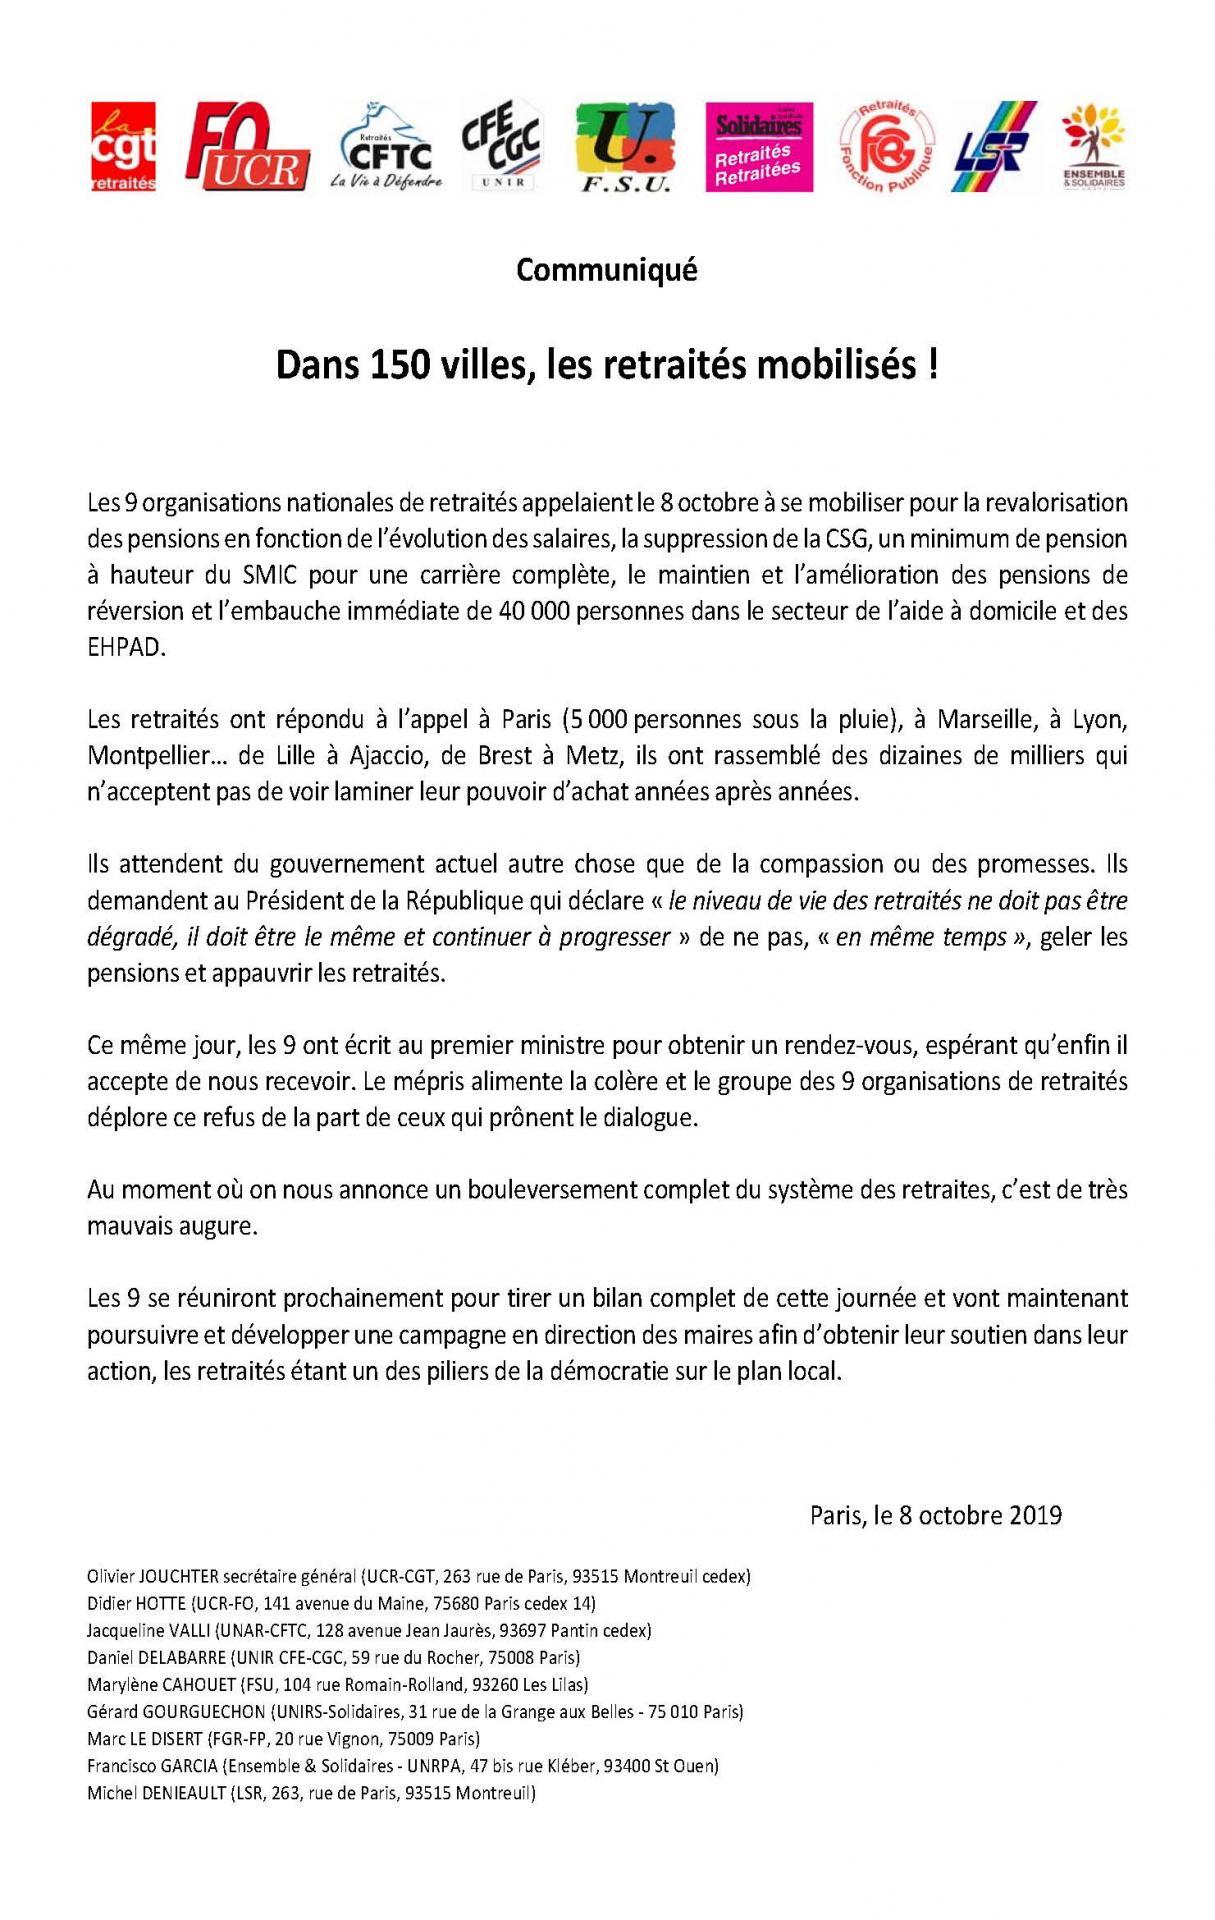 08 10 2019 retraites mobilises